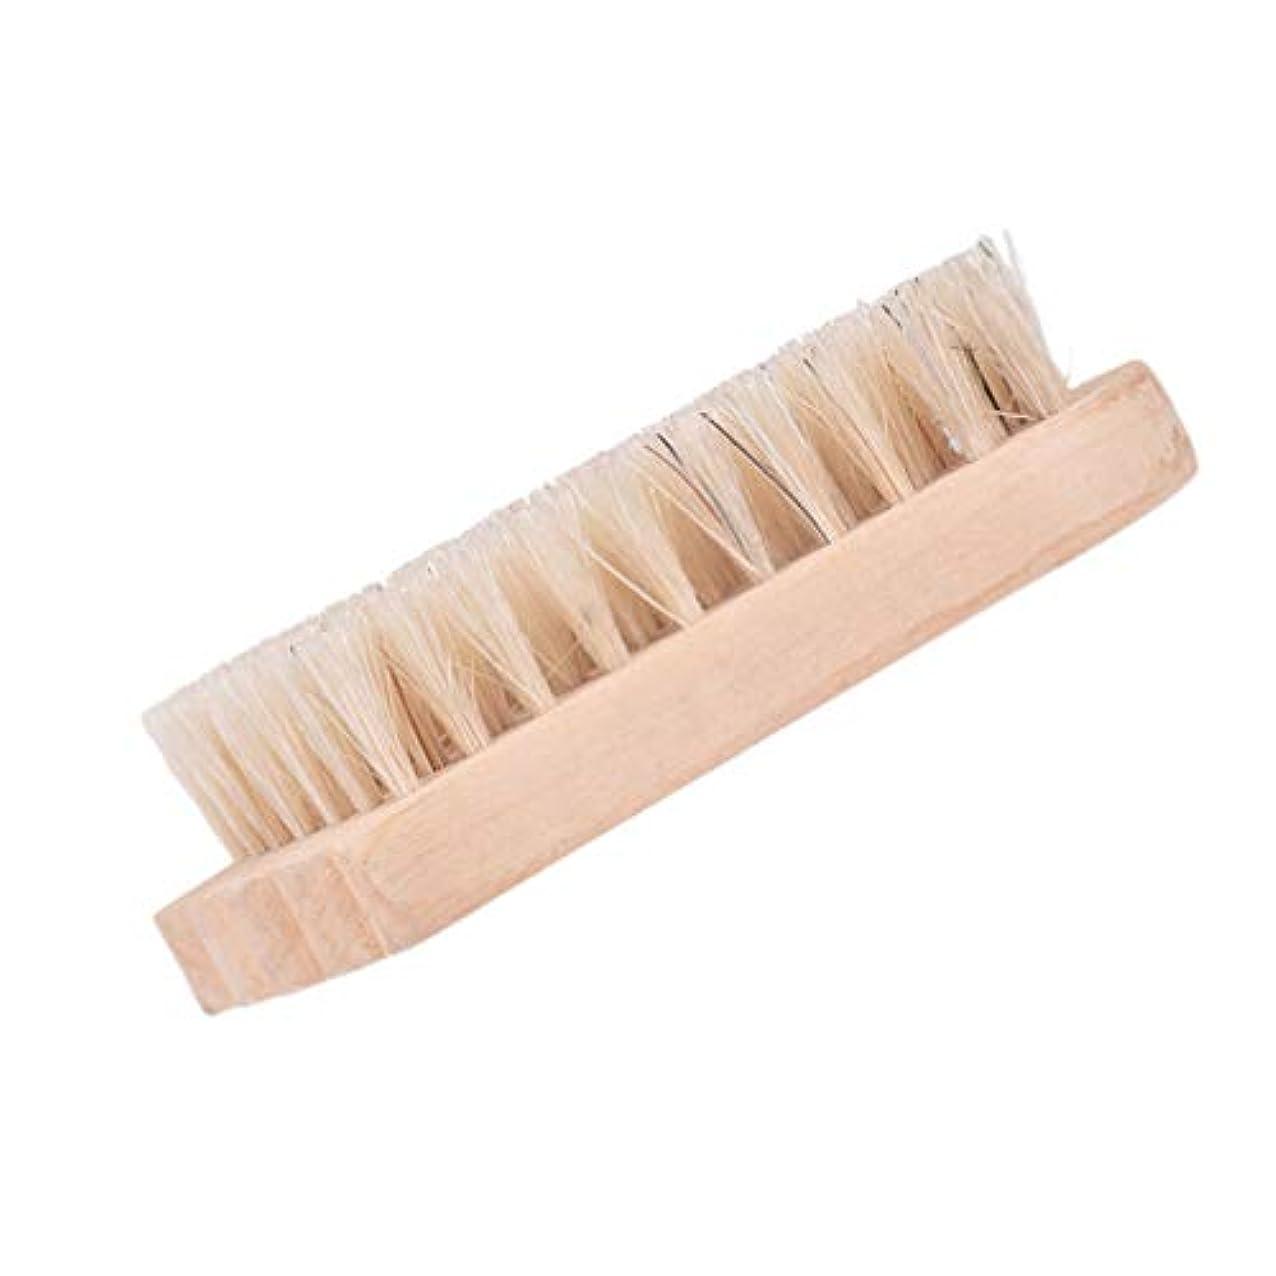 北西ラッドヤードキップリング伝染性のLurrose 2ピース木製ネイルブラシ爪スクラブクリーニングブラシ手スクラブクリーニングブラシ